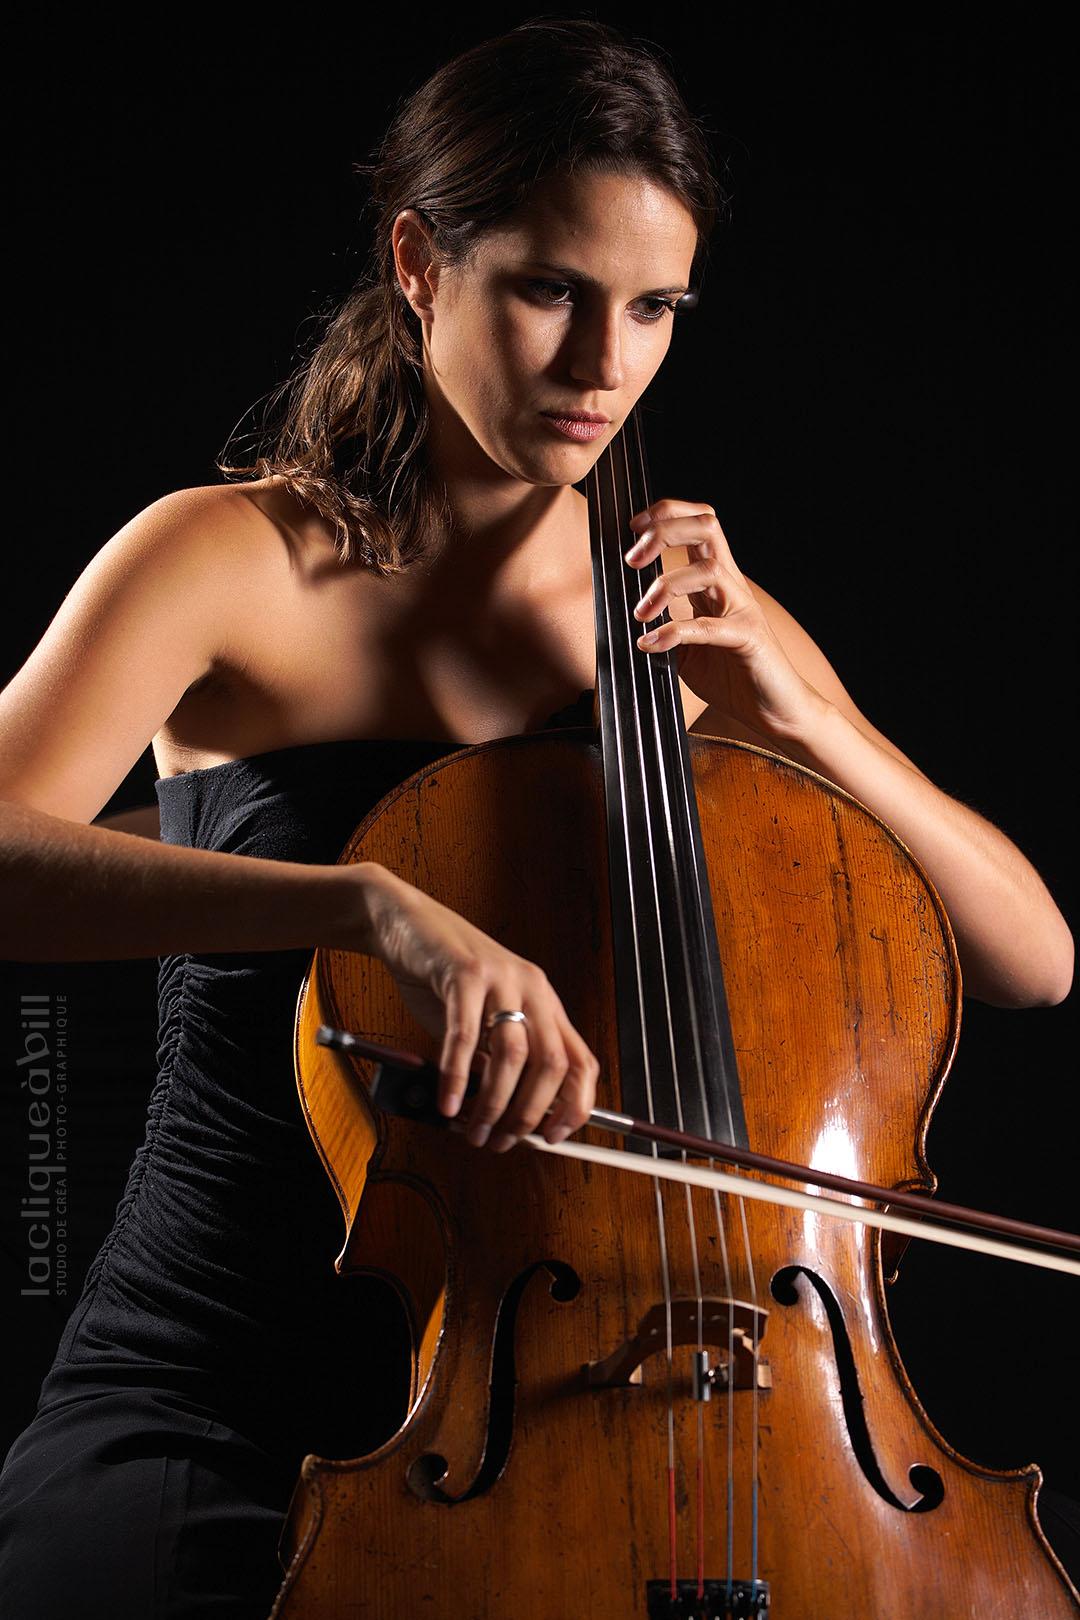 Gaëlle Fabiani au violoncelle